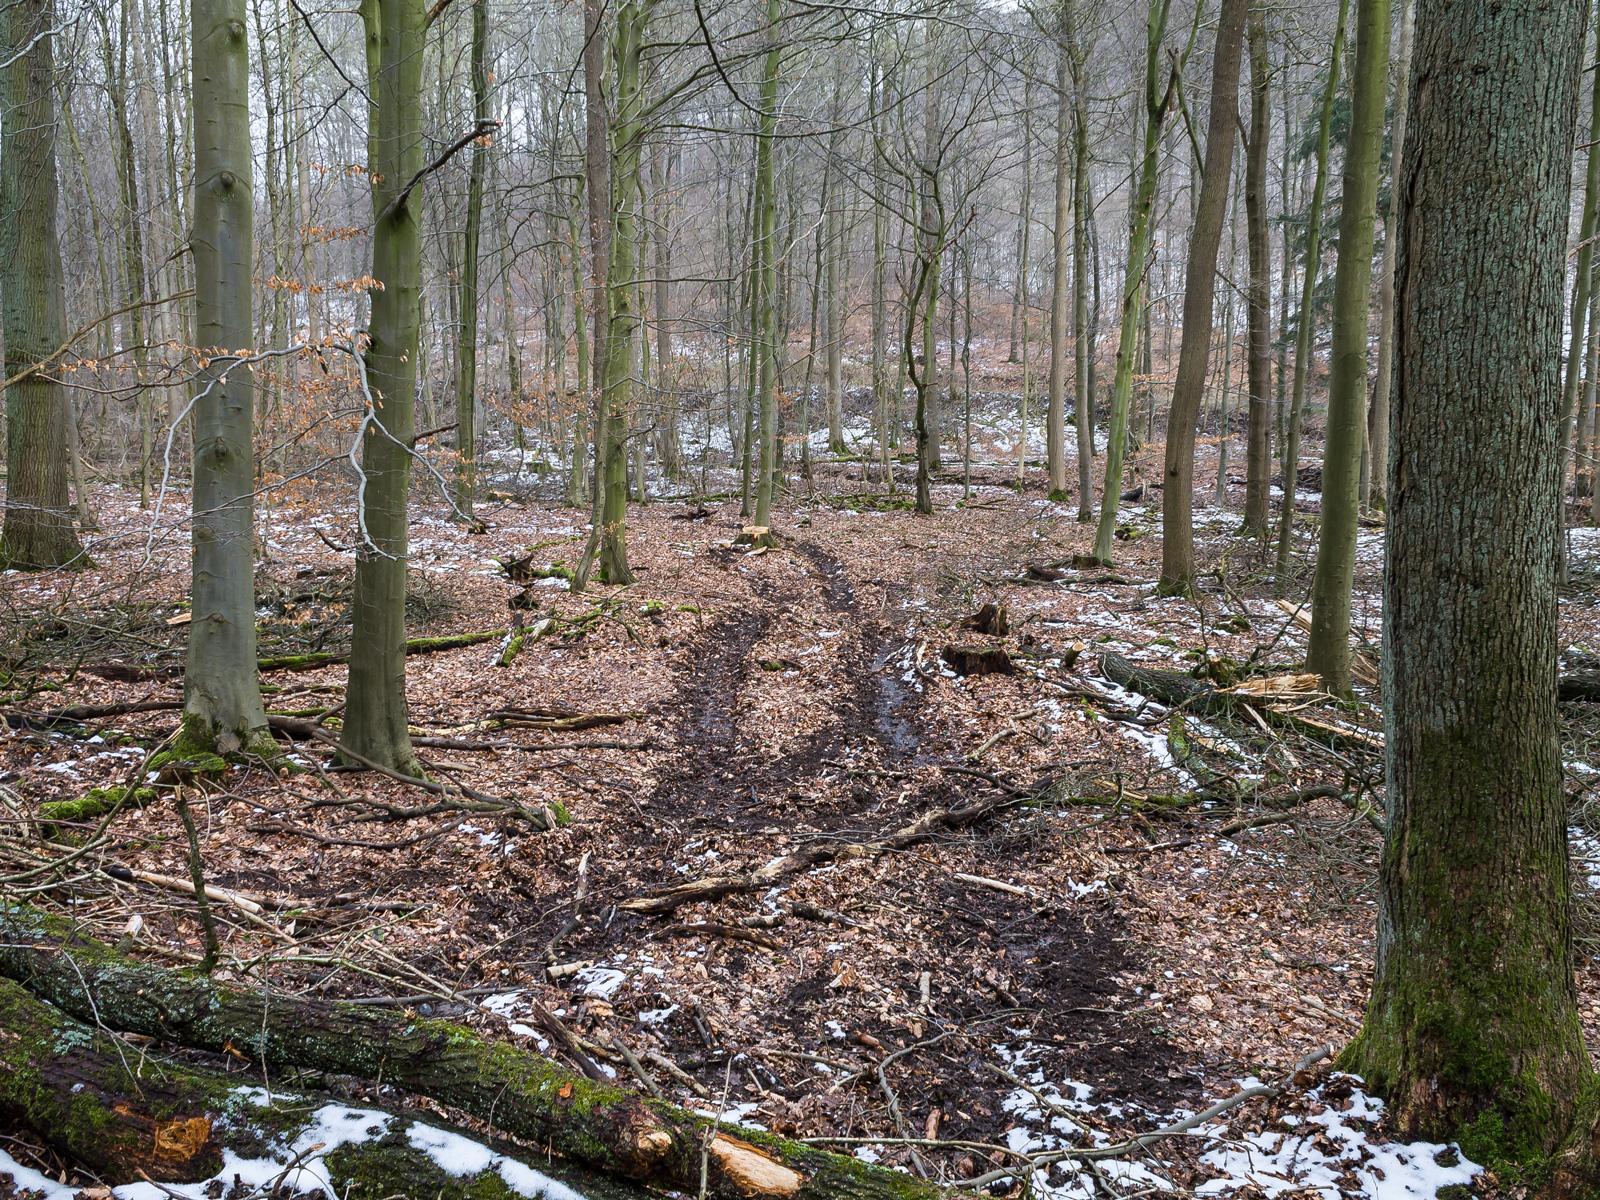 Weg quer durch den Wald zu einem Baumstumpf